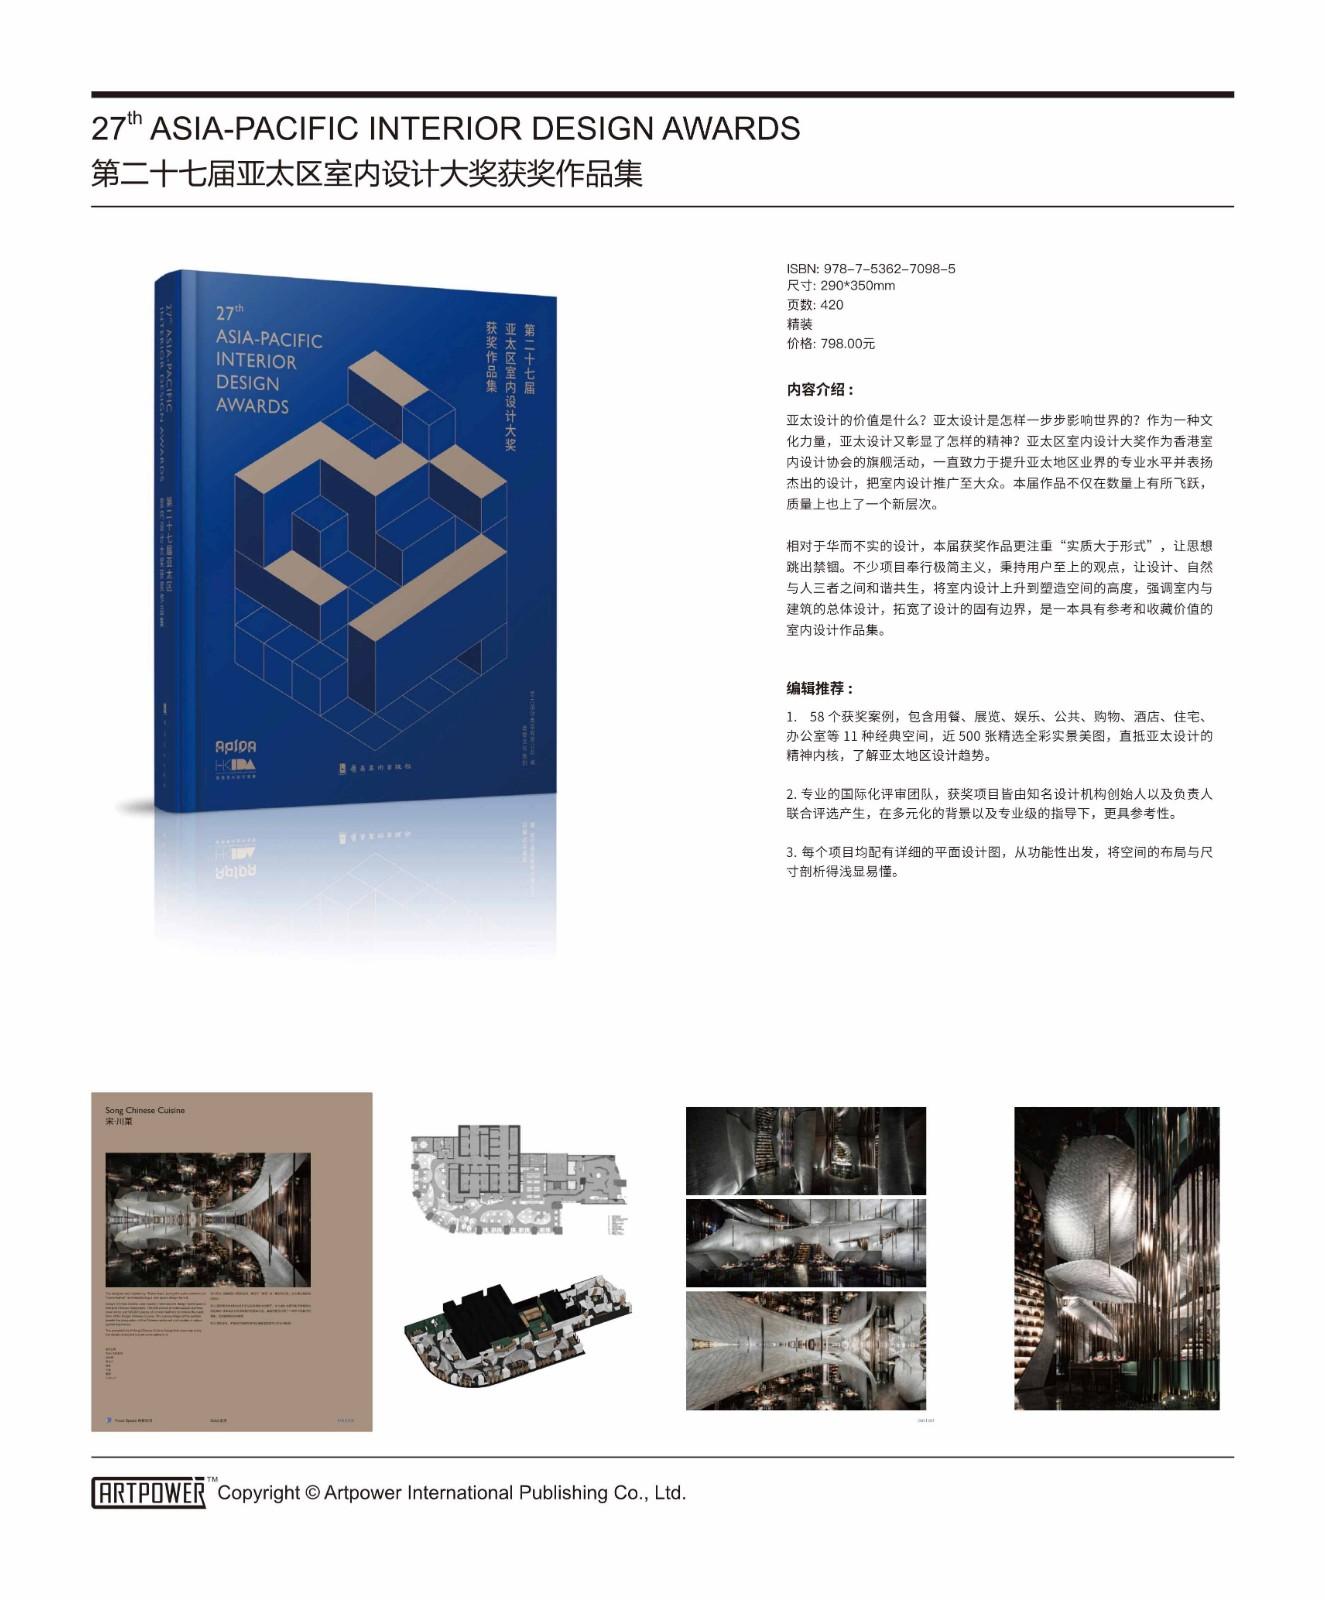 080417415624_0第二十七届亚太区室内设计大奖获奖作品集_1.jpg